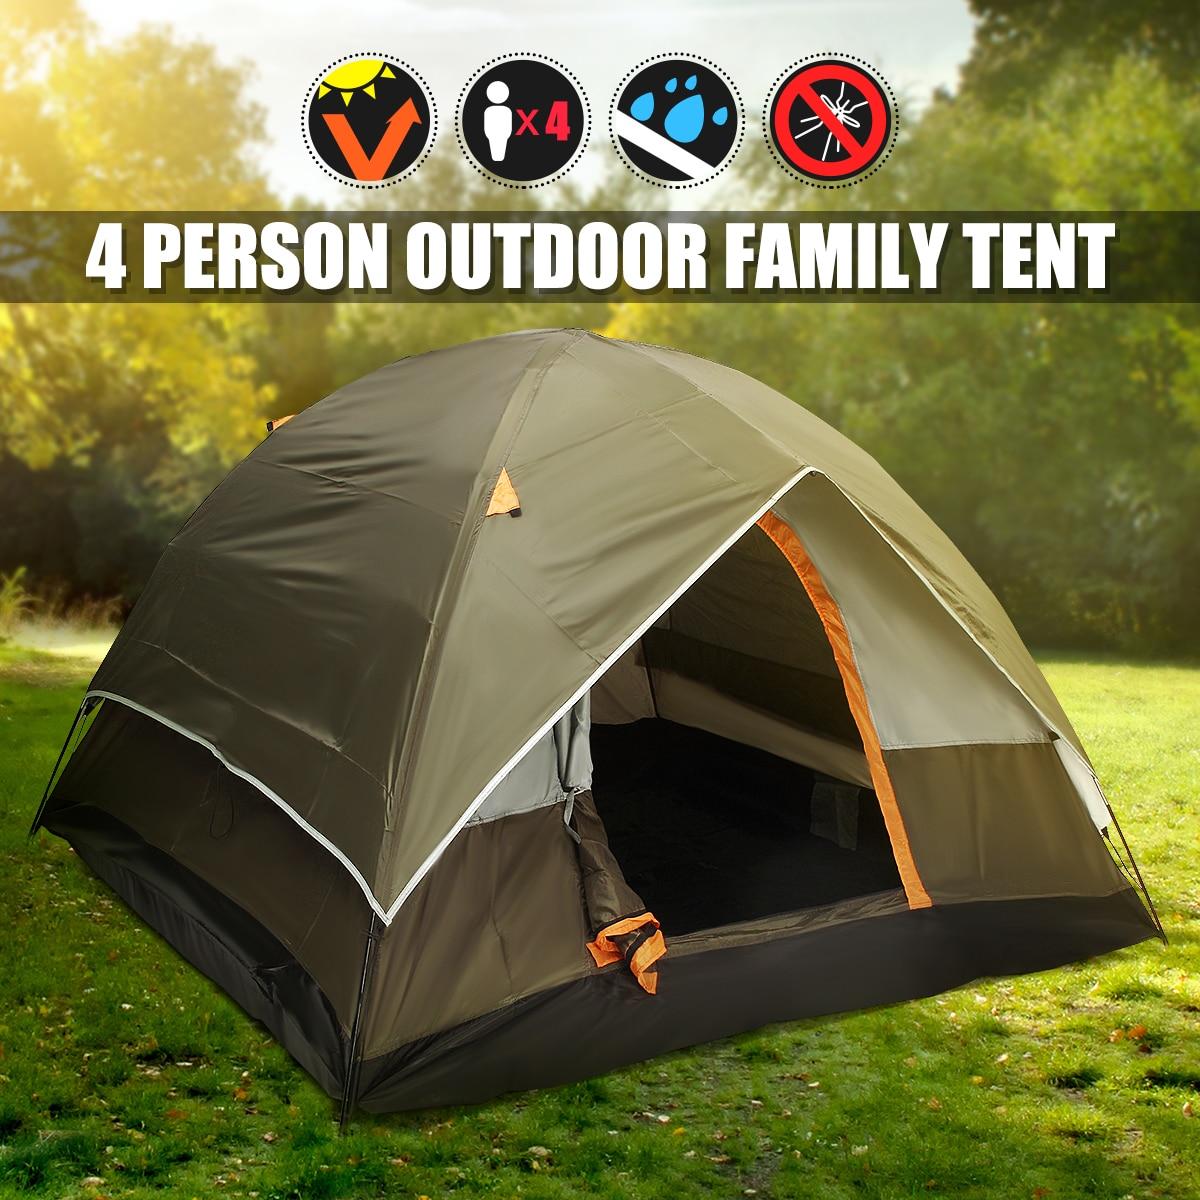 4 человек двойной слои палатки водостойкие УФ погодные Семья Открытый Рыбалка Охота кемпинговая палатка для вечеринок пляж путешествия CN/RU